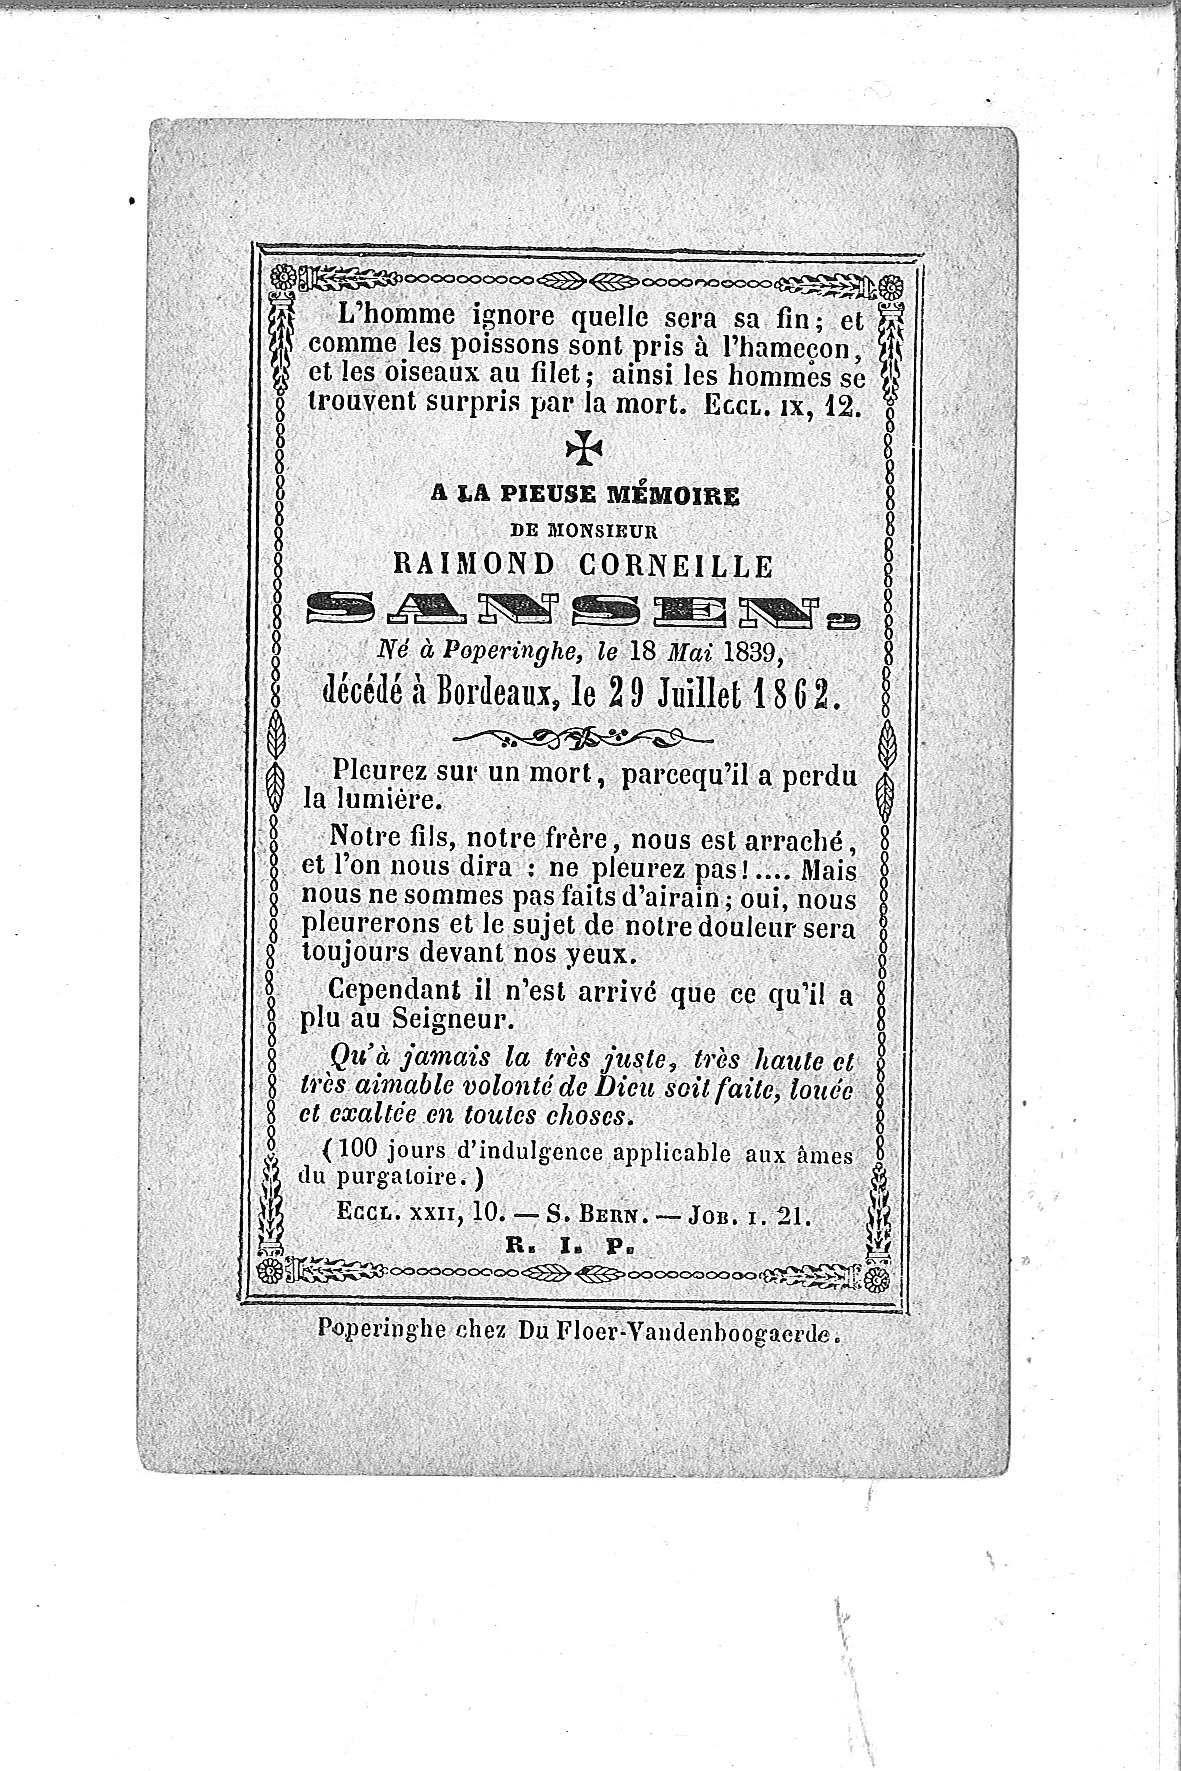 Raimond-Corneille(1862)20131104101221_00059.jpg